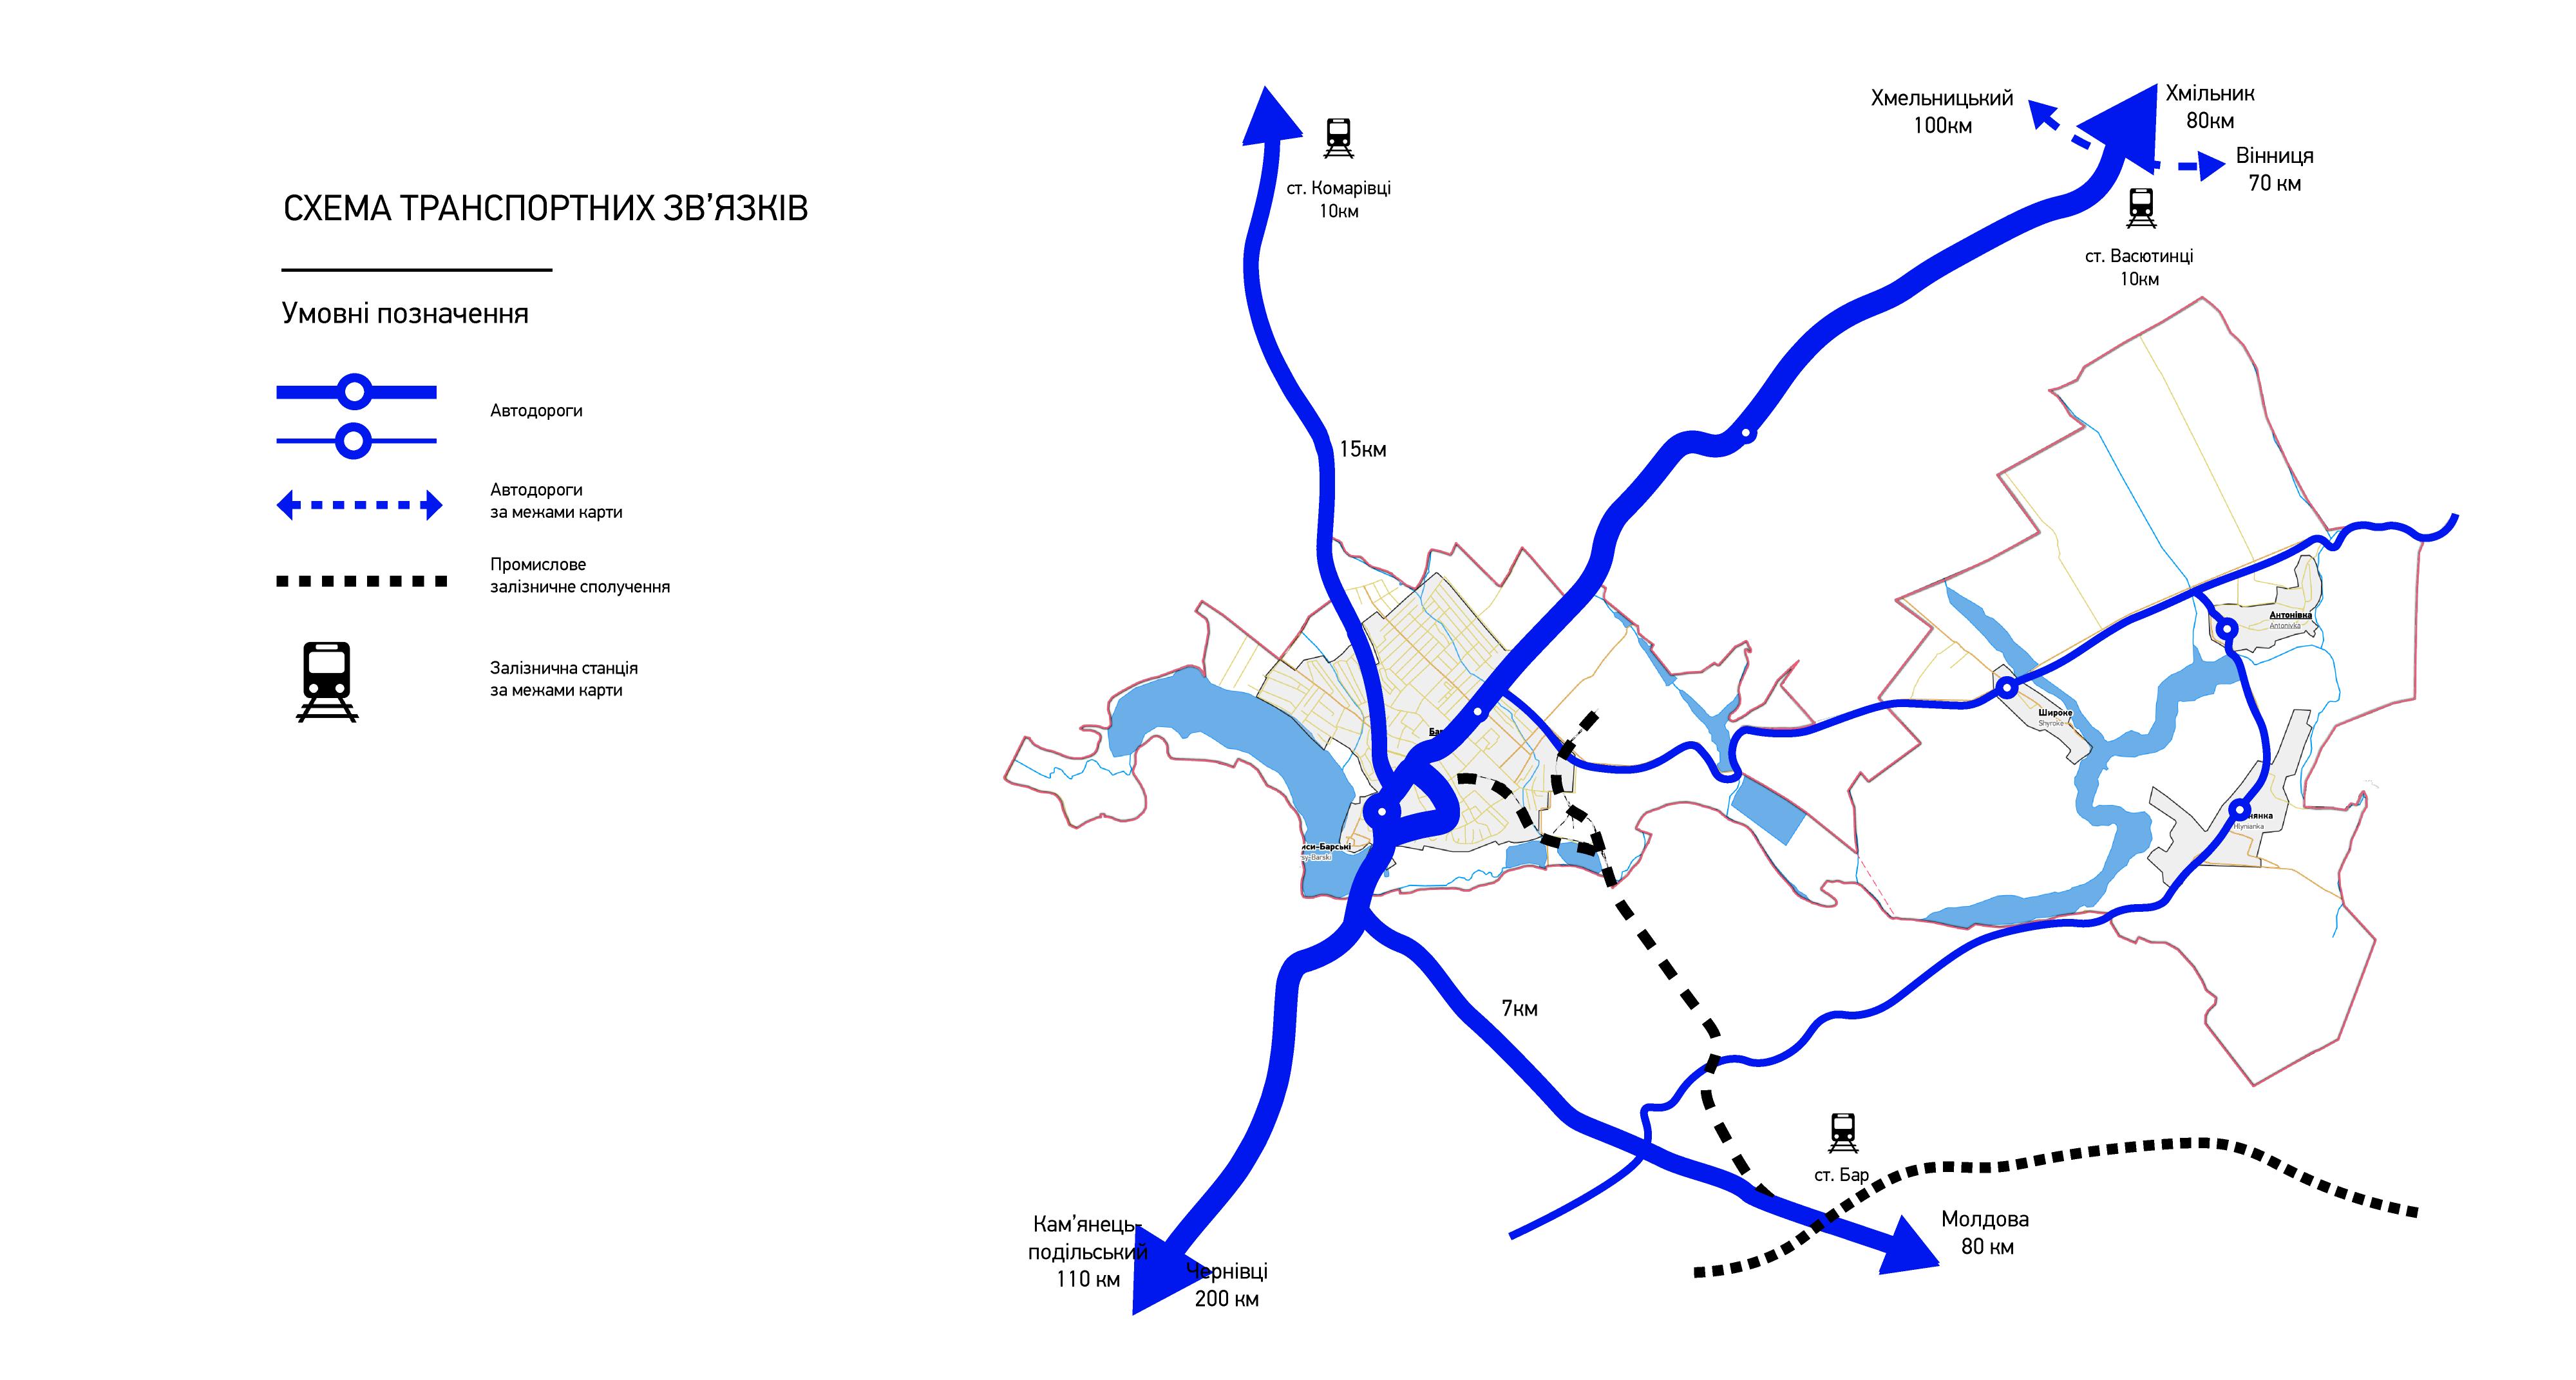 схема-транспортних-зв'язків